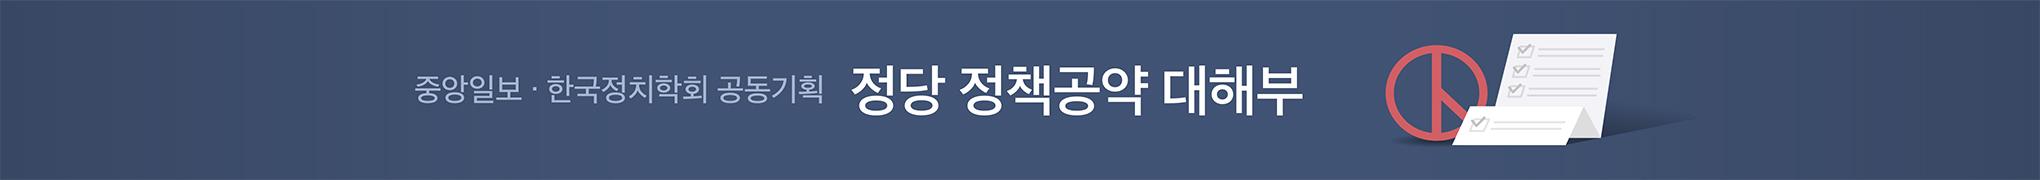 중앙일보·한국정치학회 공동기획 정당 정책공약 대해부